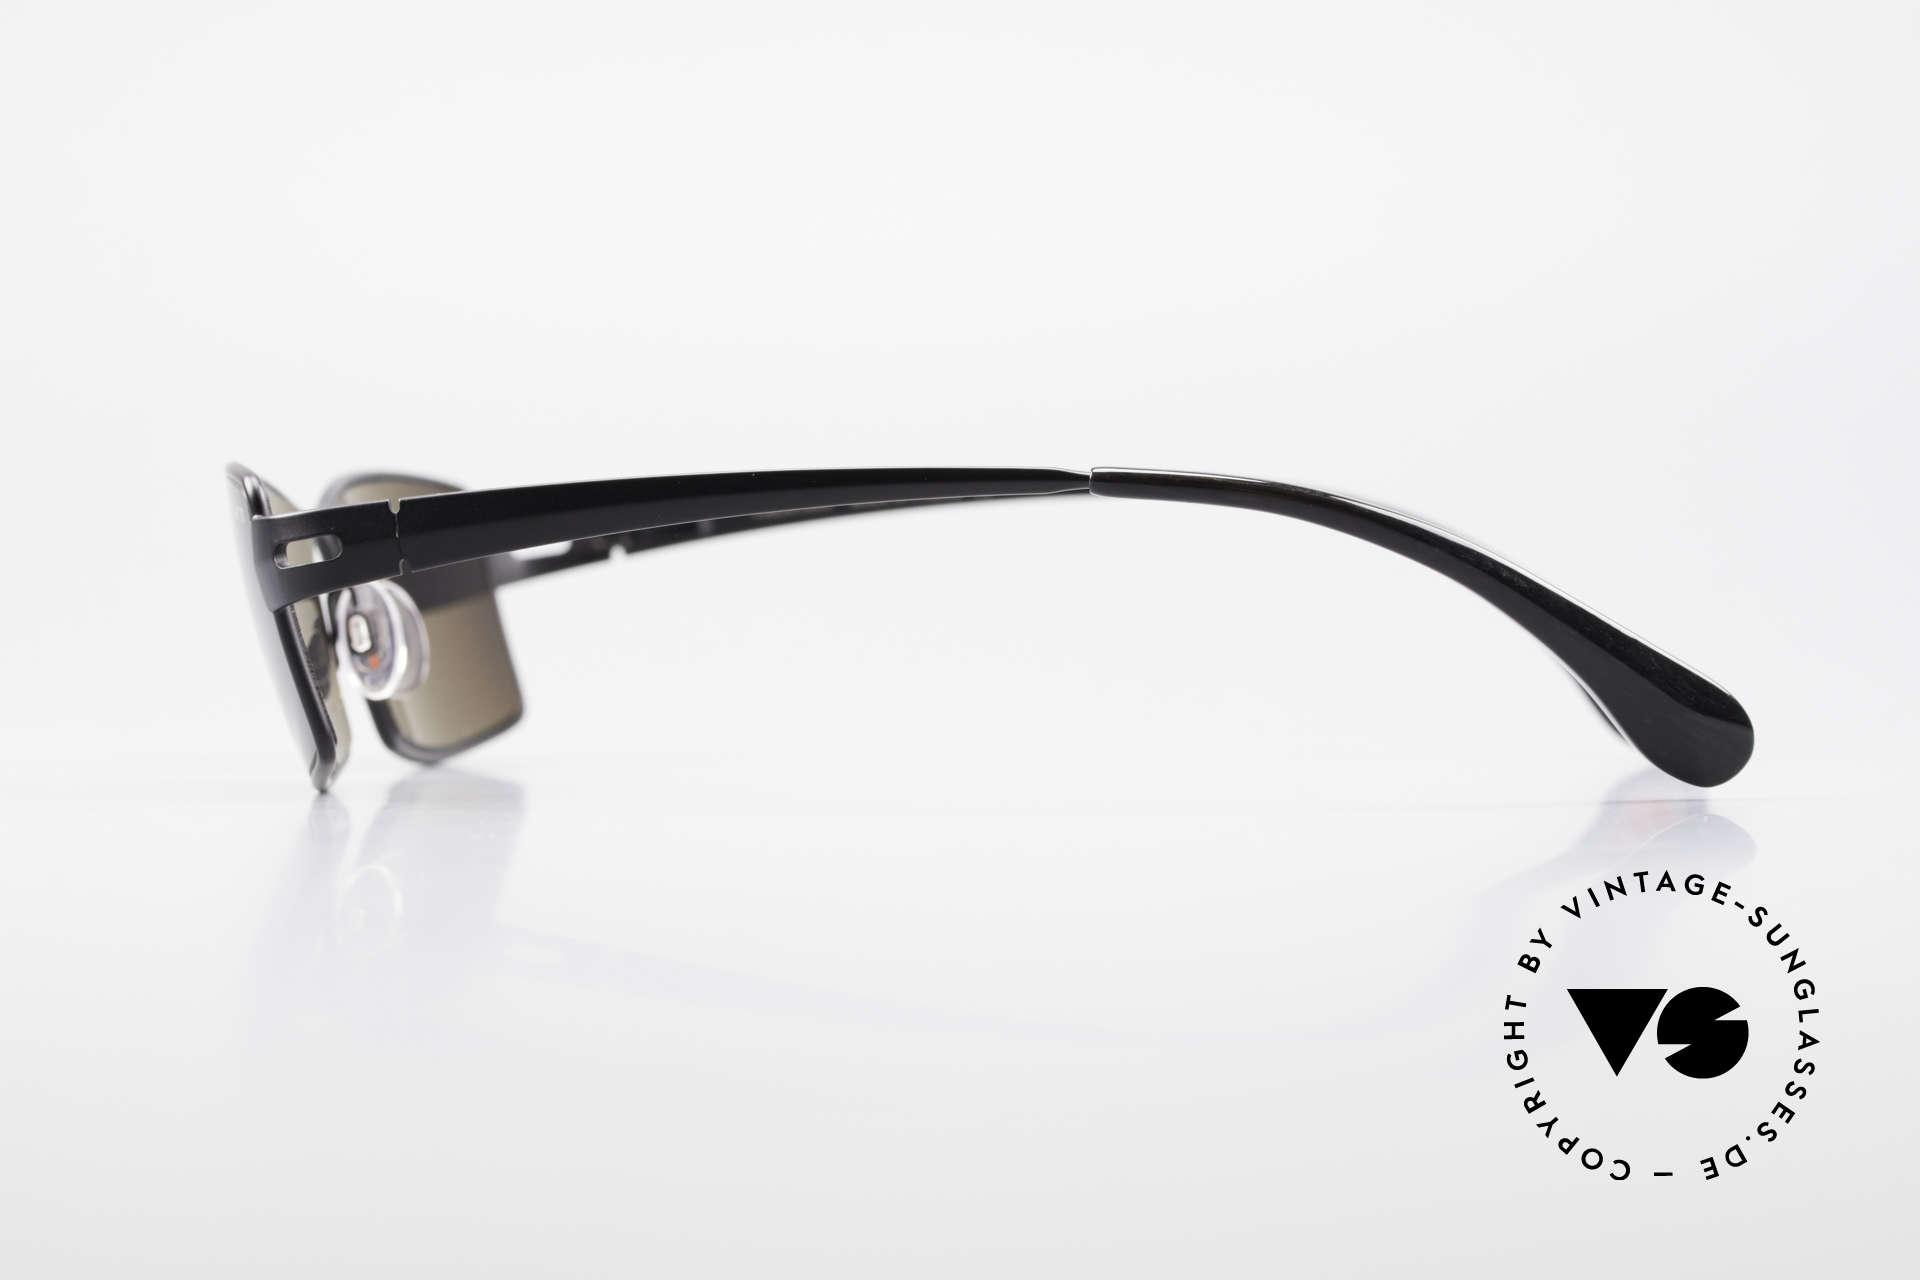 Bugatti 499 Rare XL Designersonnenbrille, selten, da damals nur als Kleinstserie produziert, Passend für Herren